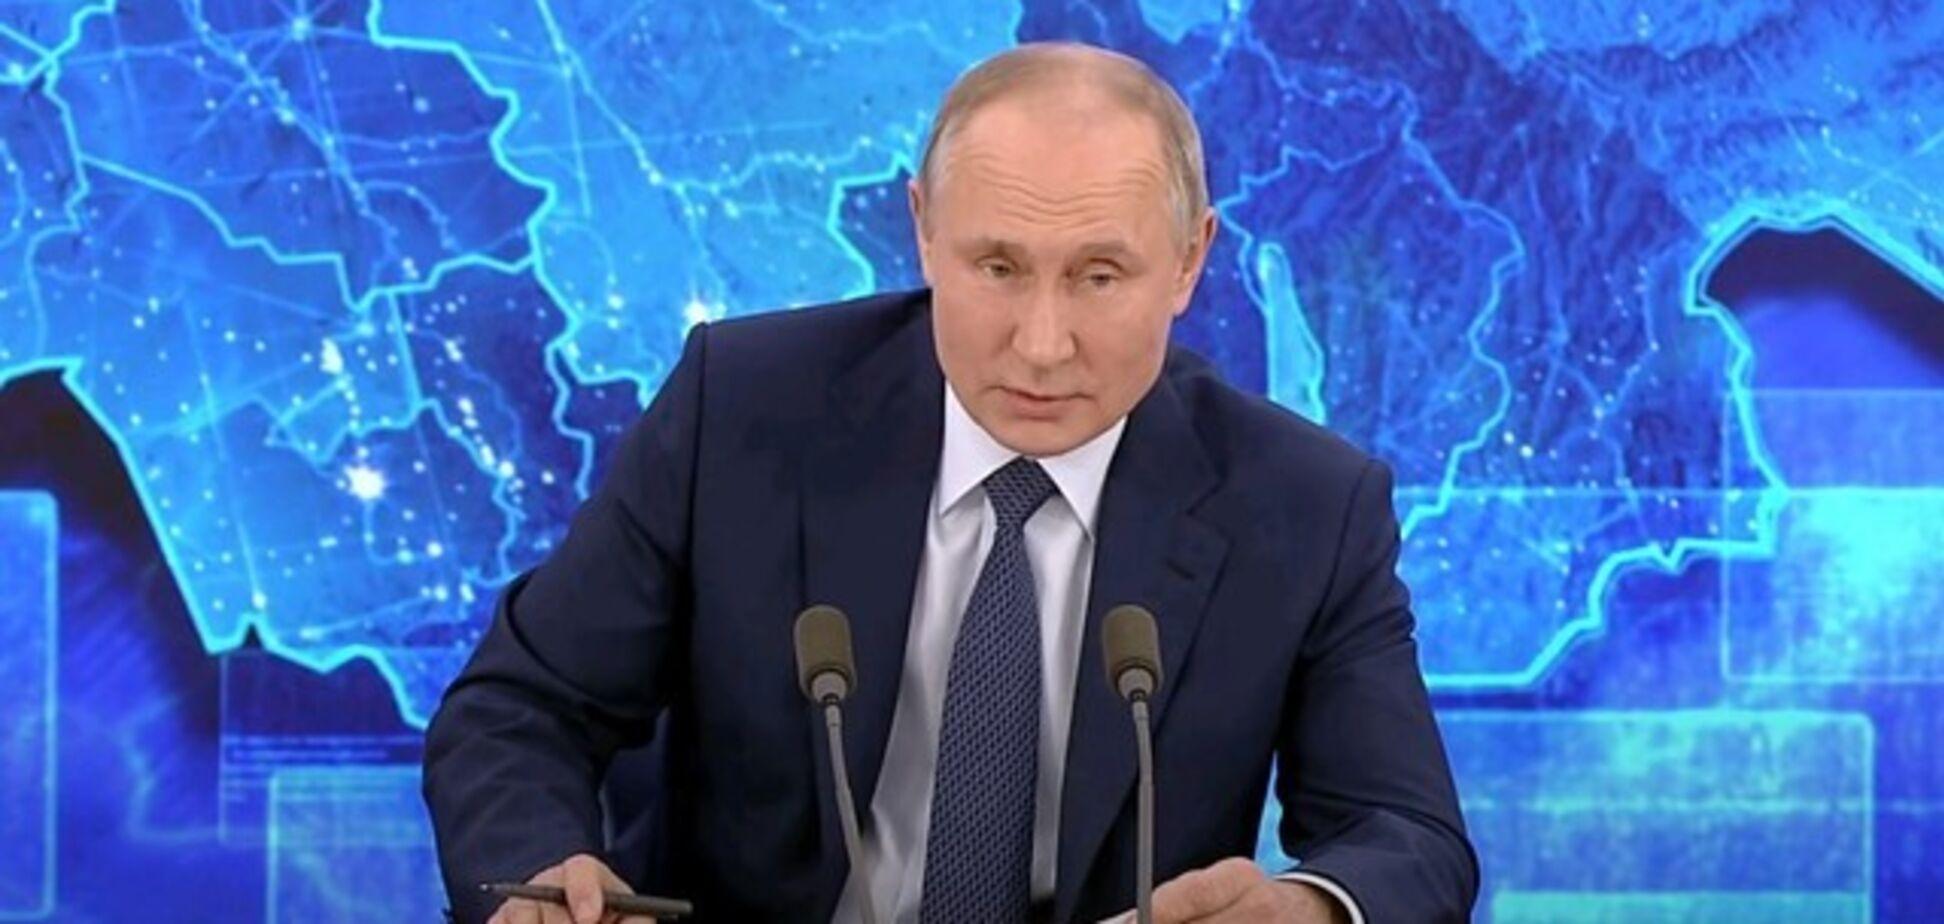 Пресс-конференция: Путин поставил в неловкое положение своих подчинённых